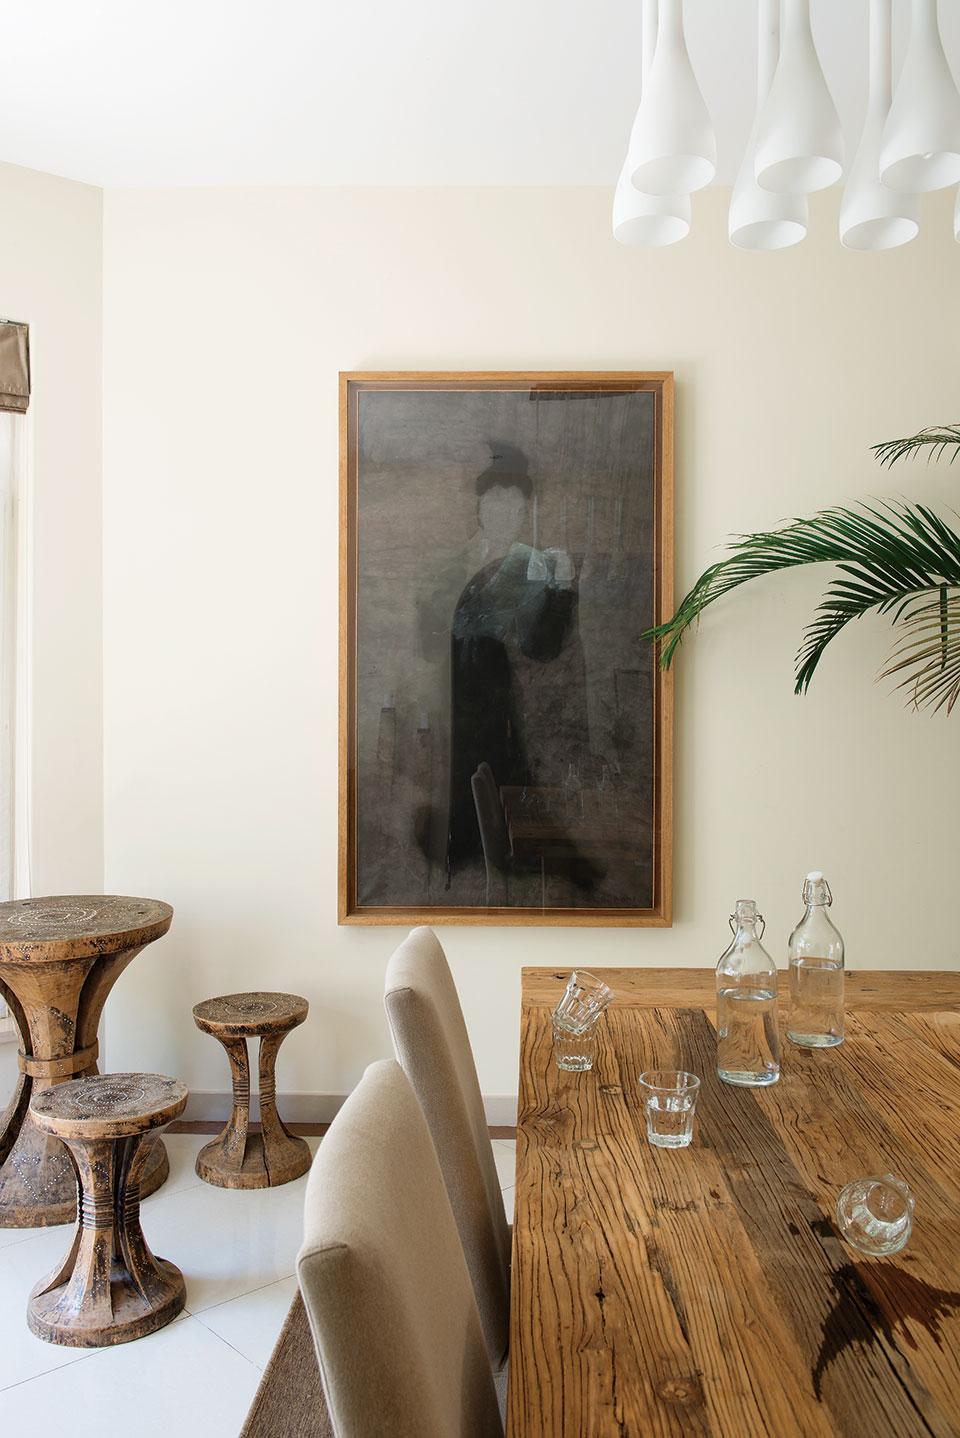 厨房中,餐桌也由老门板改造而成,餐椅是Trine自己的设计,墙角有三只来自印度尼西亚Lombok岛的土著风格圆桌和圆凳,都是由整截树桩雕刻而成 的,上面镶嵌着贝壳和中国古钱币。墙上的唐代仕女水墨画由邬一名创作于2002年,来自香格纳(ShanghART)画廊,它是结婚时丈夫Matthew 送给Trine的礼物。